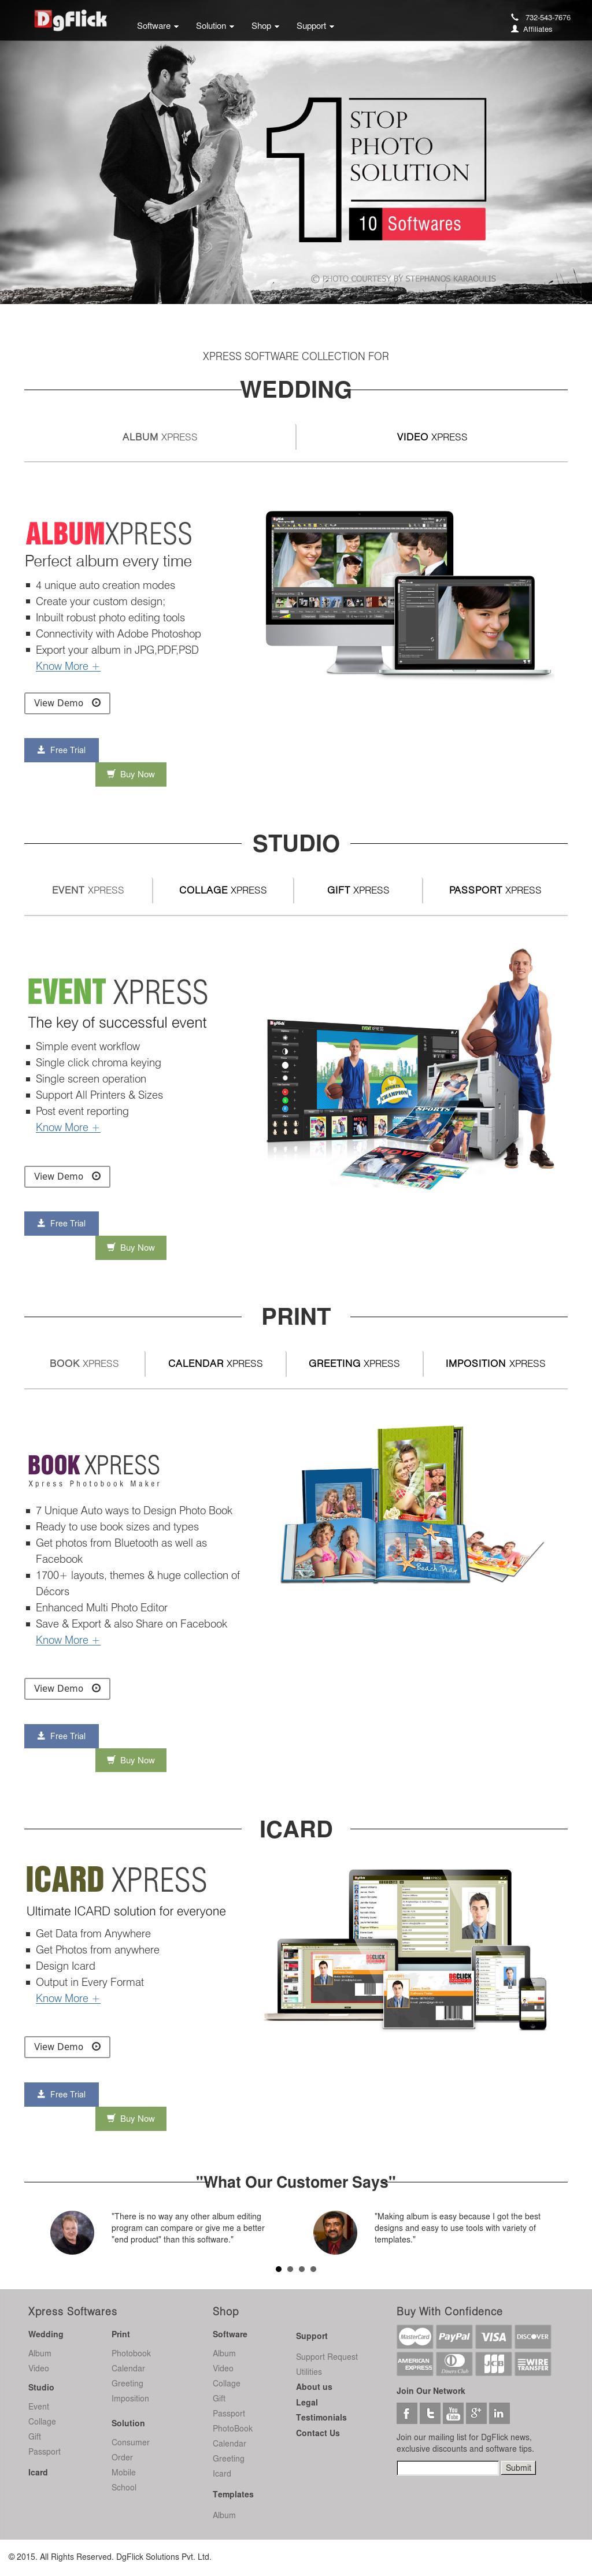 DgFlick Solutions Pvt  Ltd Competitors, Revenue and